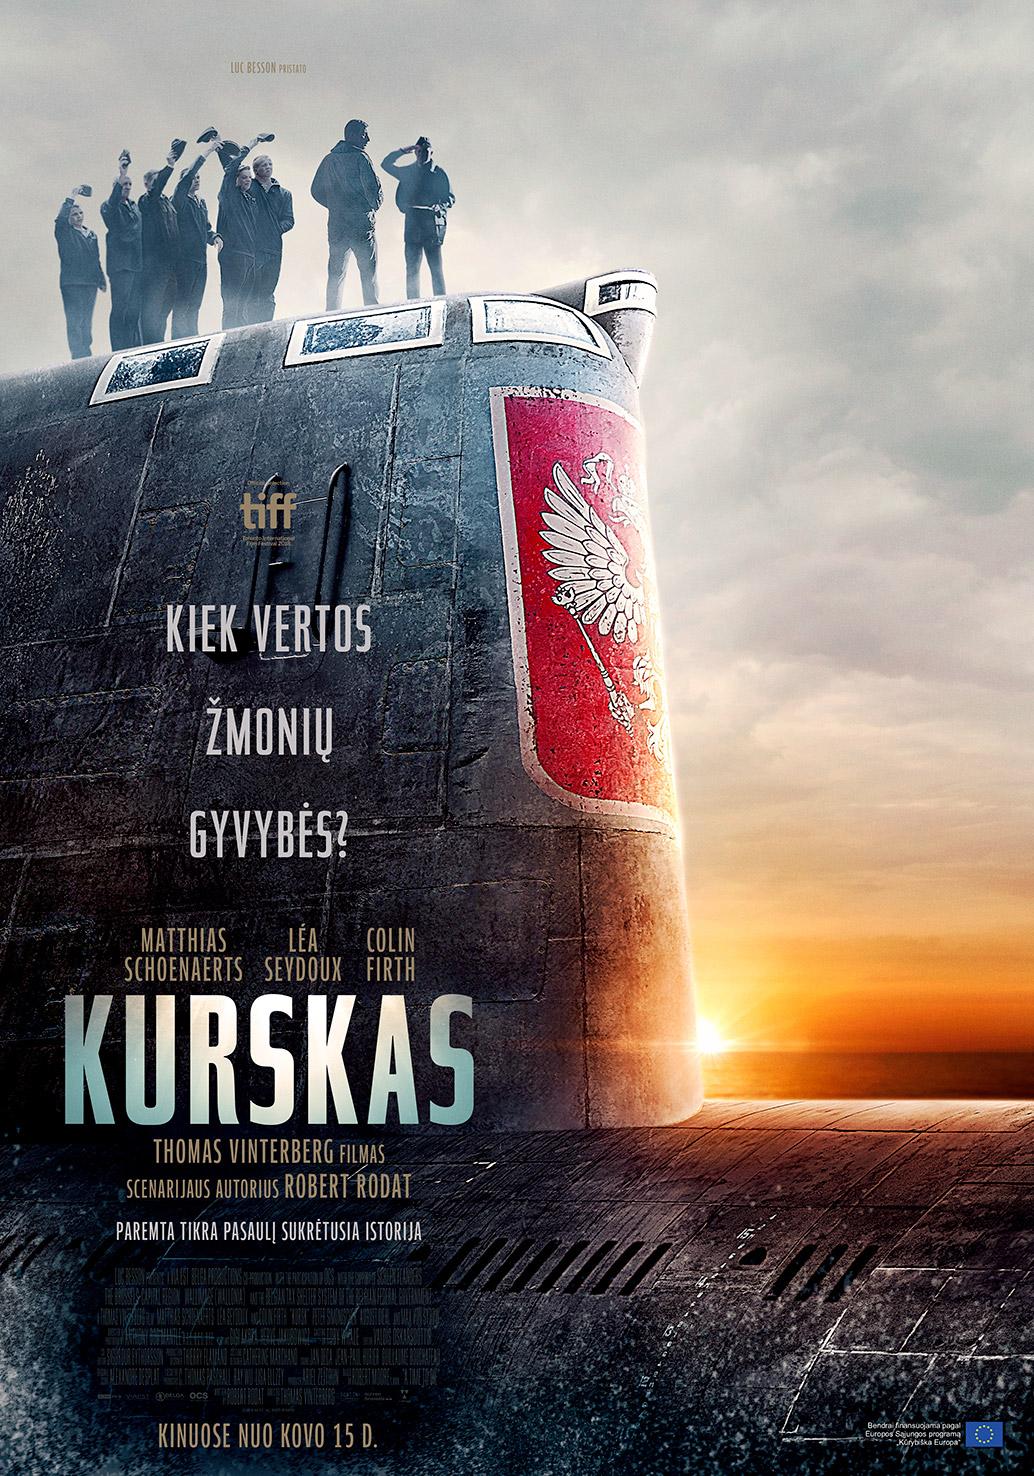 KURSKAS (KURSK)